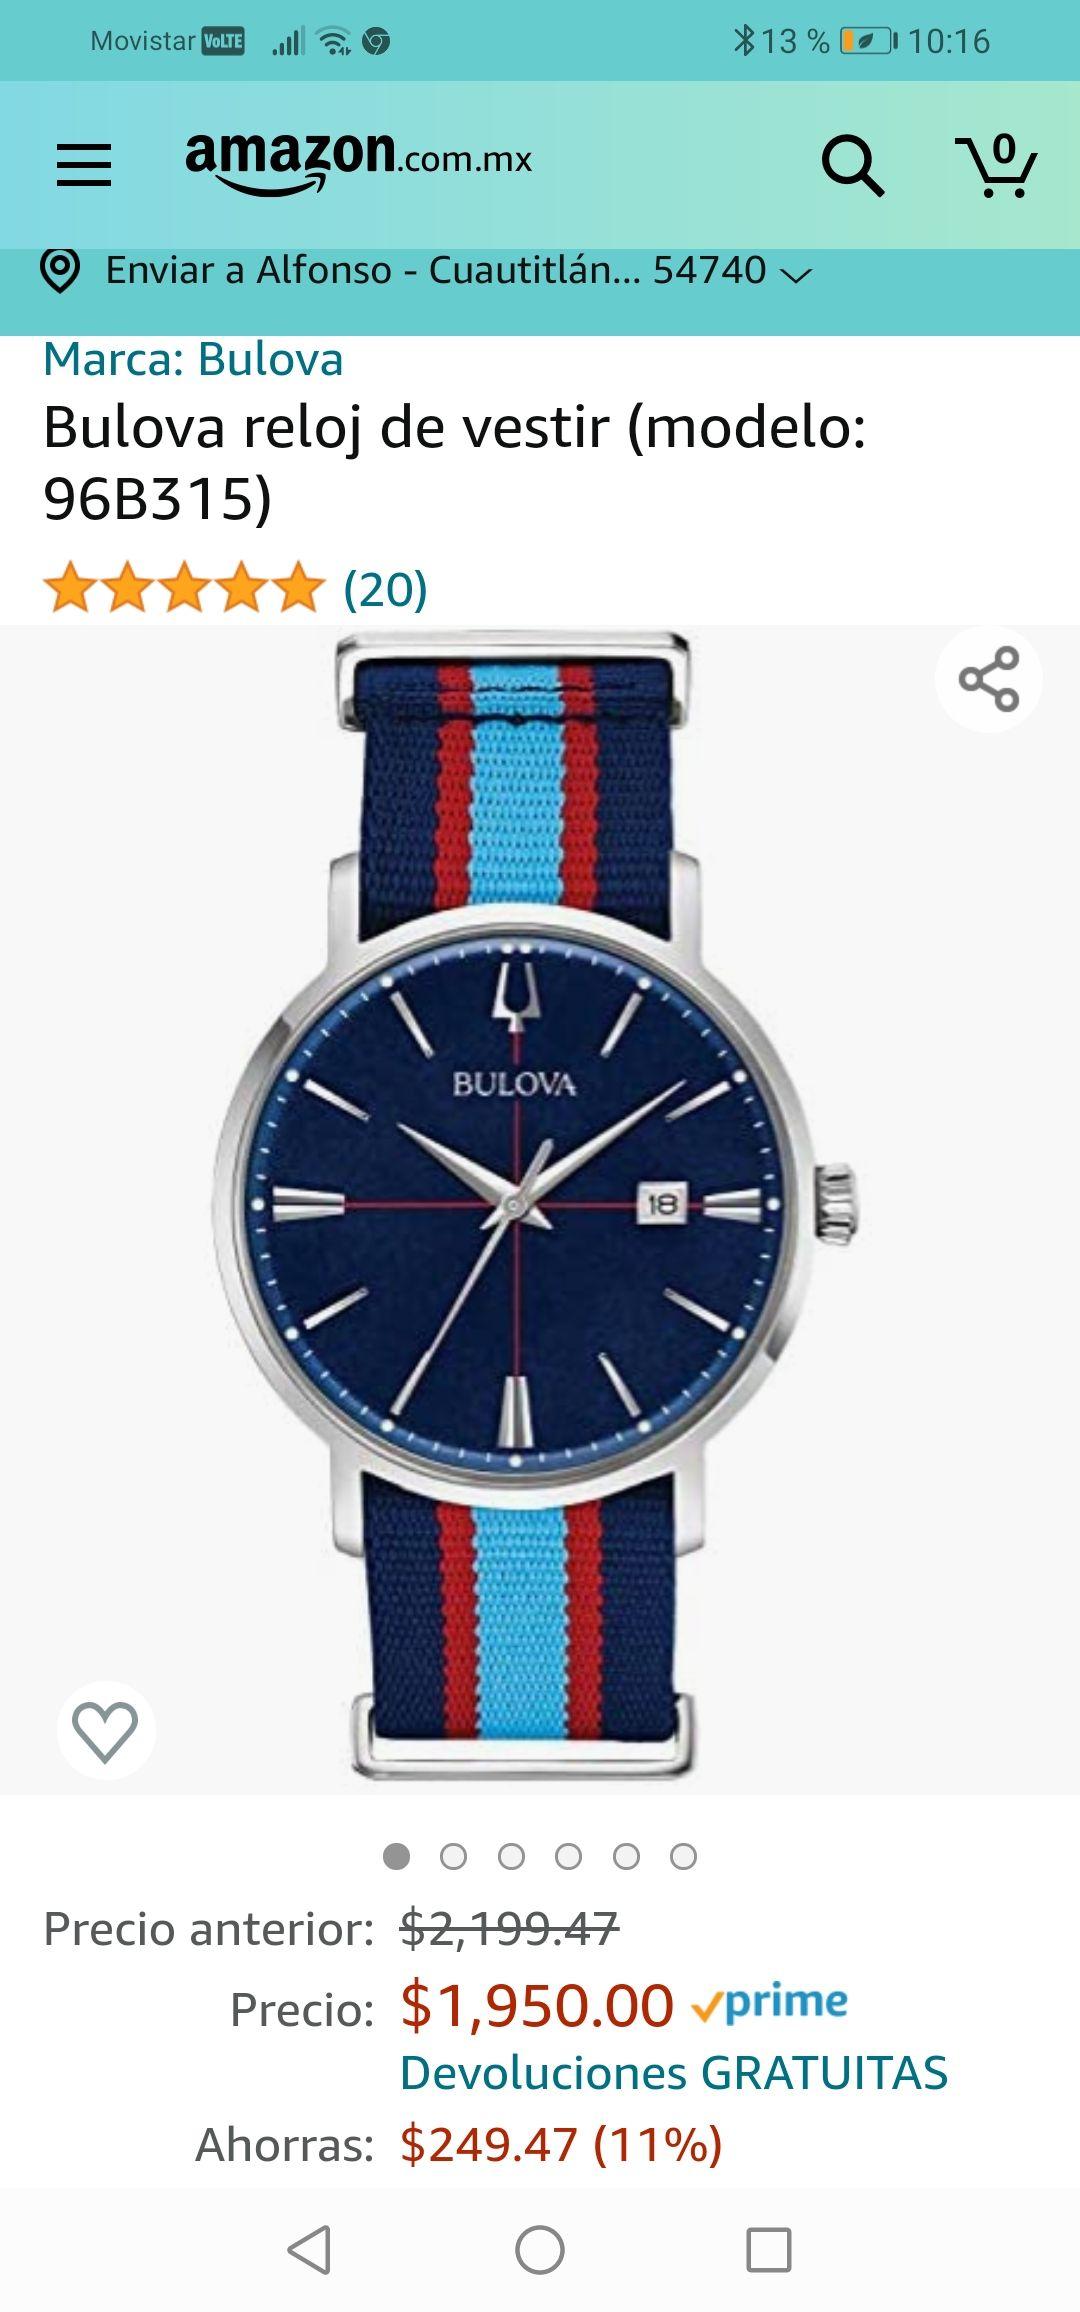 Amazon: Bulova reloj de vestir (modelo: 96B315)